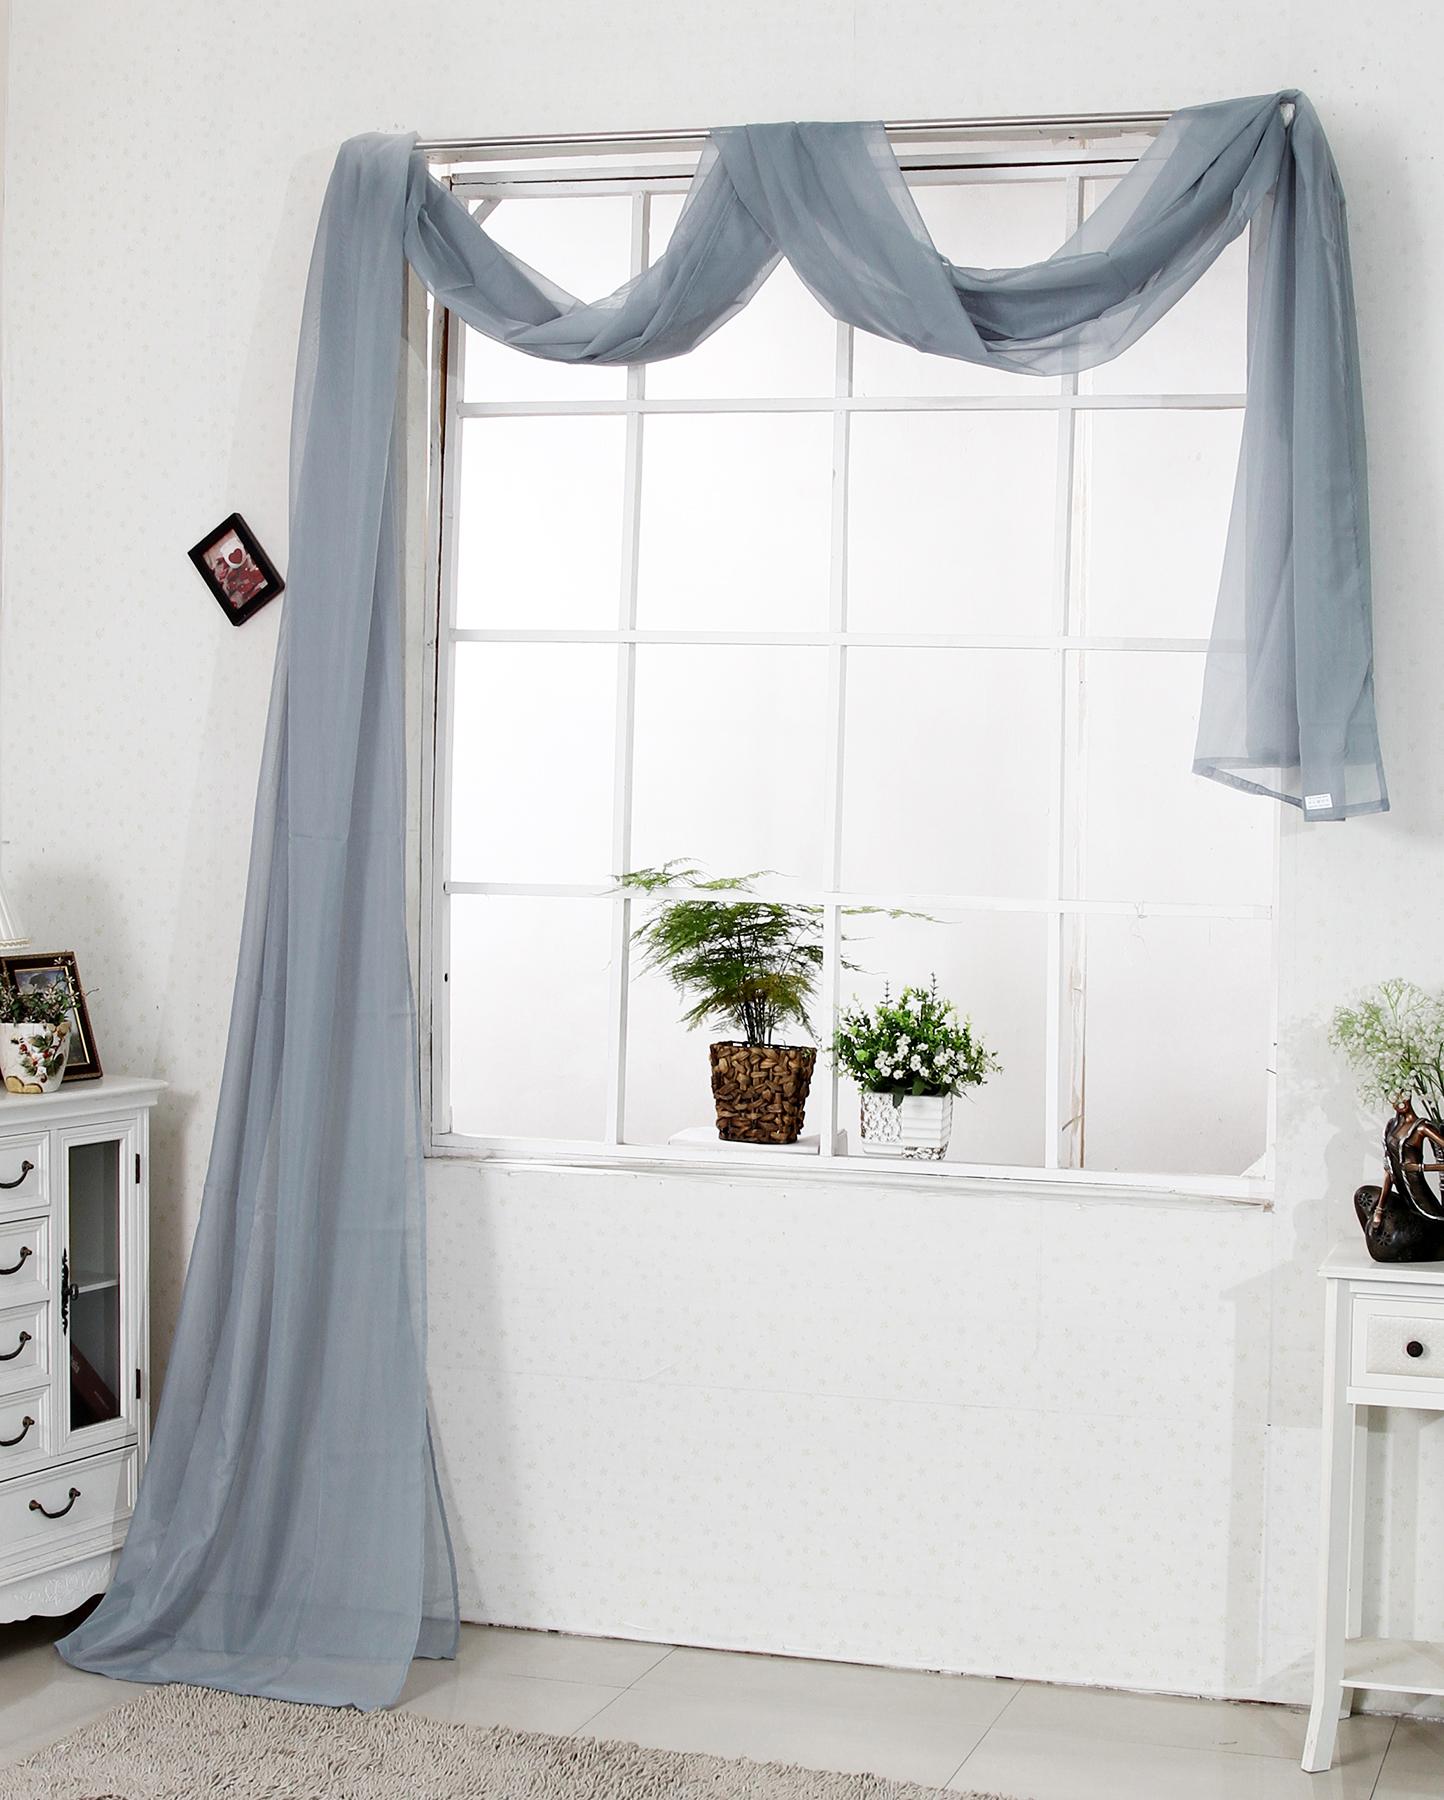 Raumteiler Vorhänge querbehang raumteiler übergardinen gardinen vorhänge fensterschal voile 306 ebay